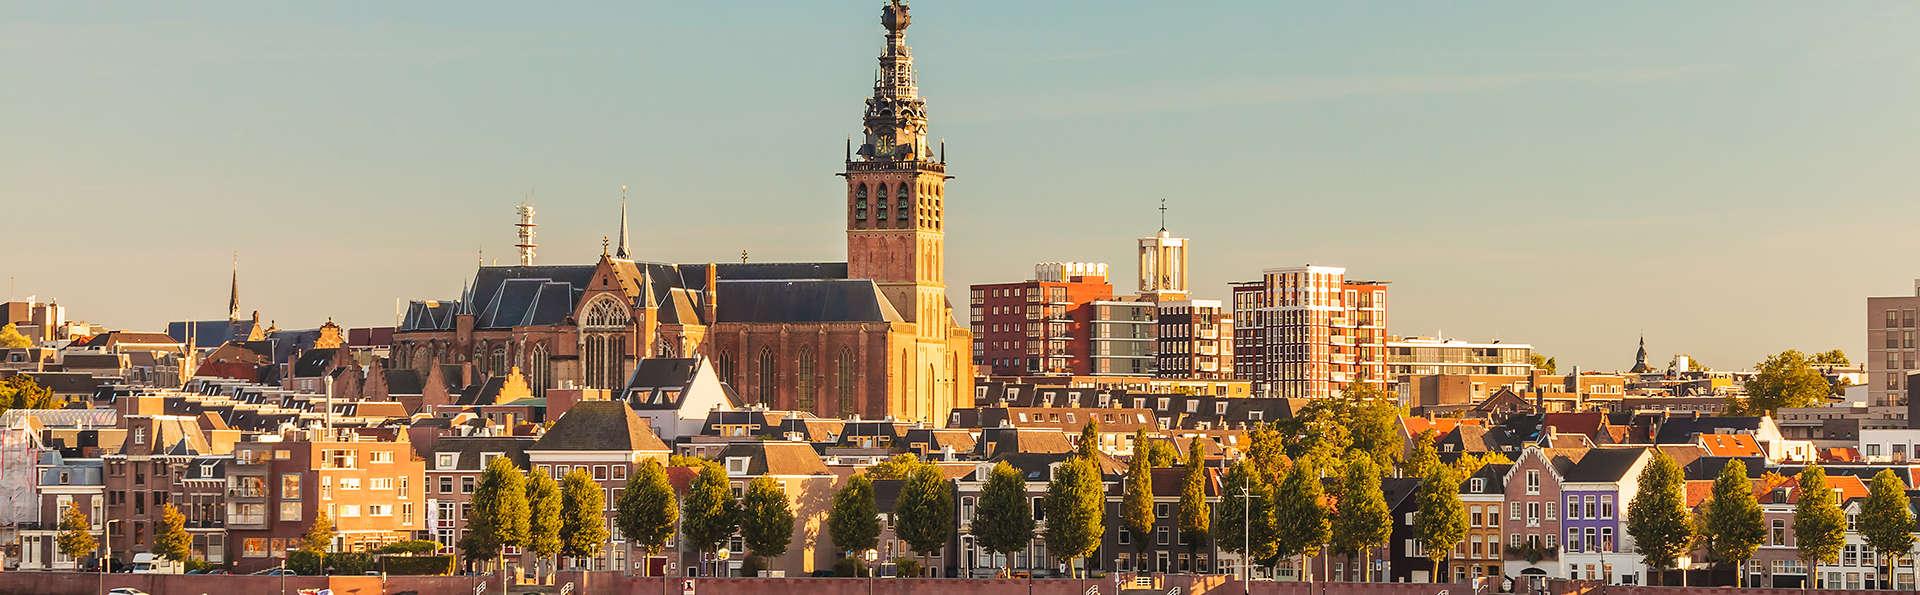 Week-end à Nijmegen